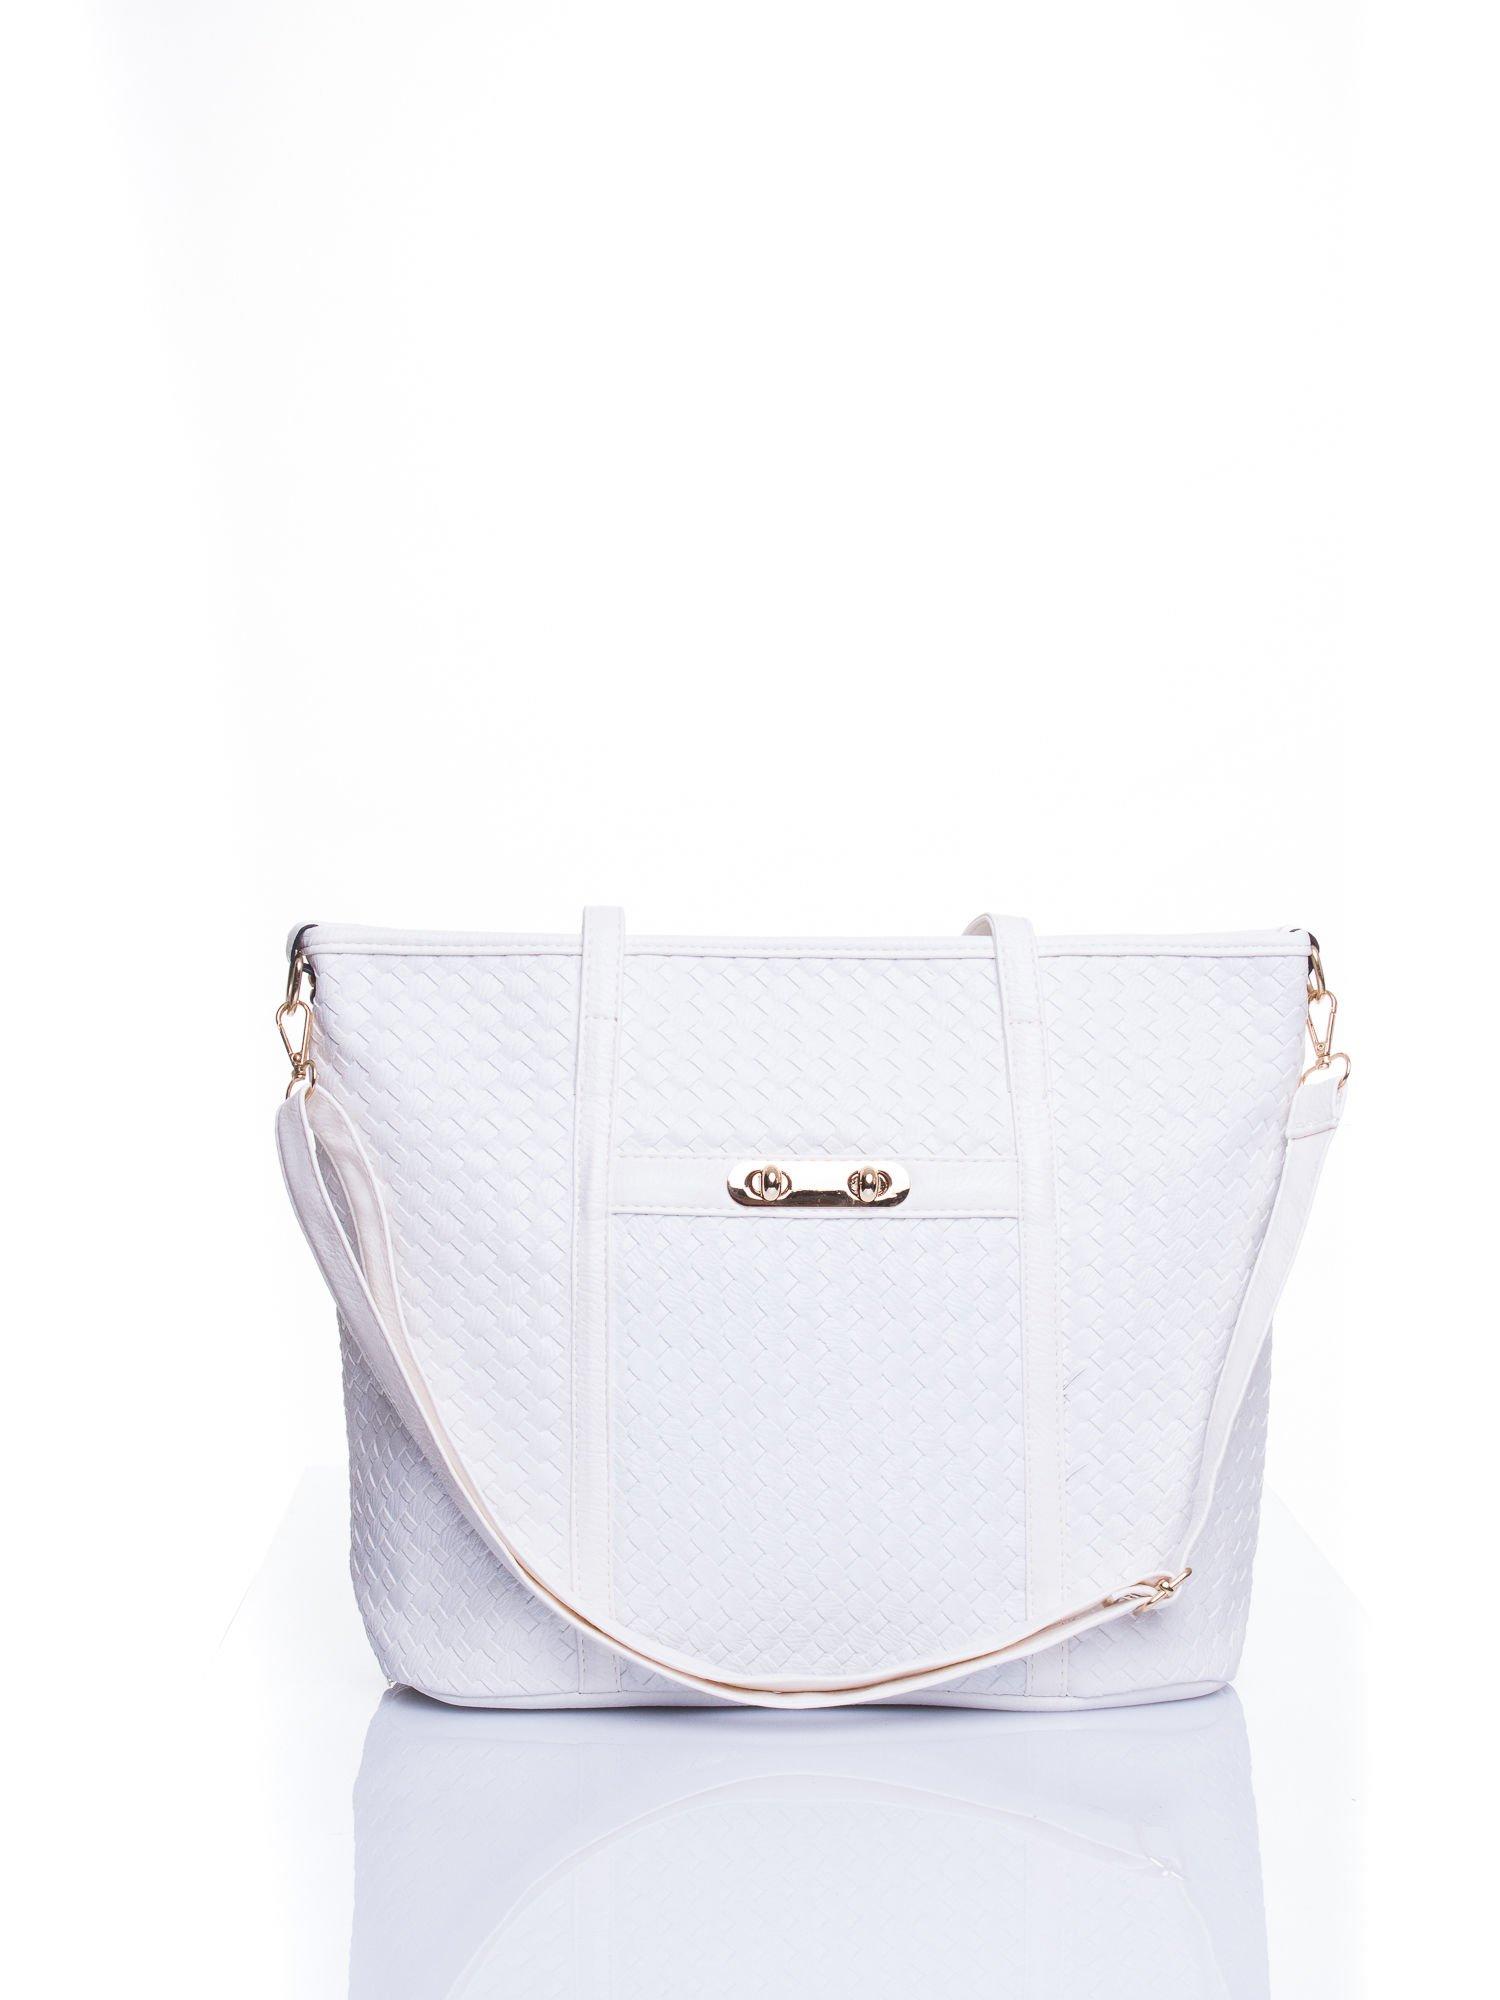 Biała pleciona torba shopper bag ze złotym detalem                                  zdj.                                  1